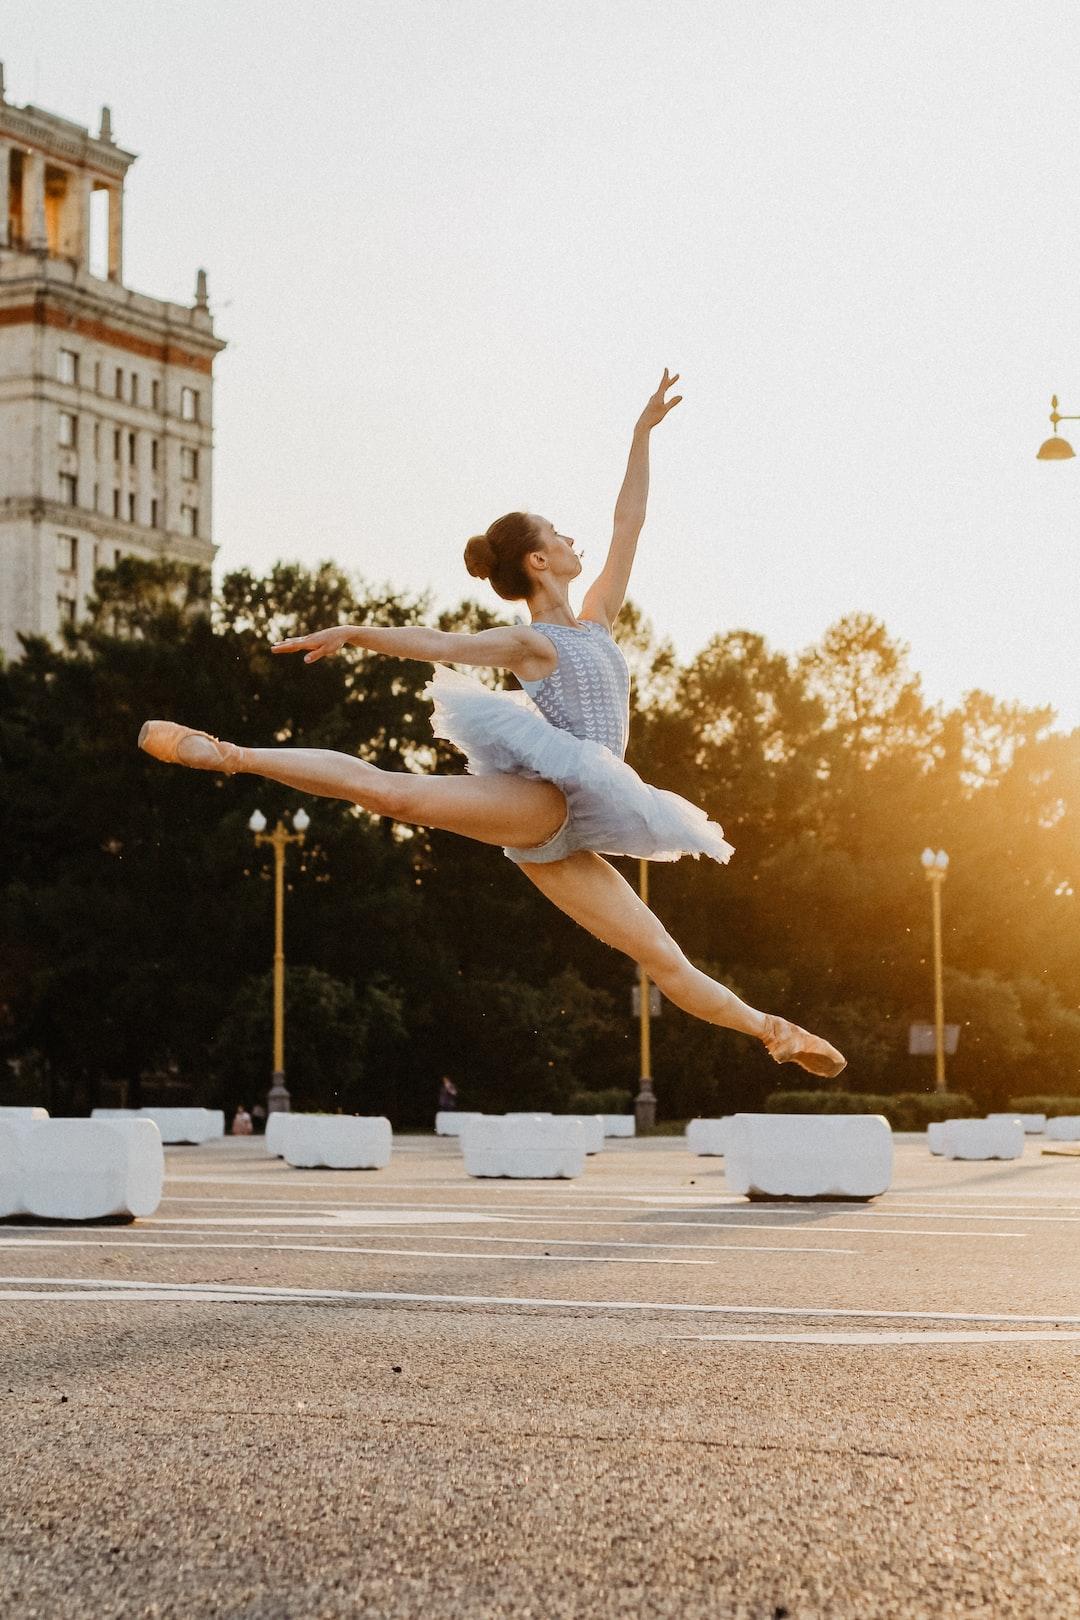 #dance  #dancemoms #dancer #dancers #dancehall #dancelife #dancefloor #danceparty #dancerecital #dancing #dancingqueen #ballet #dancers #choreography